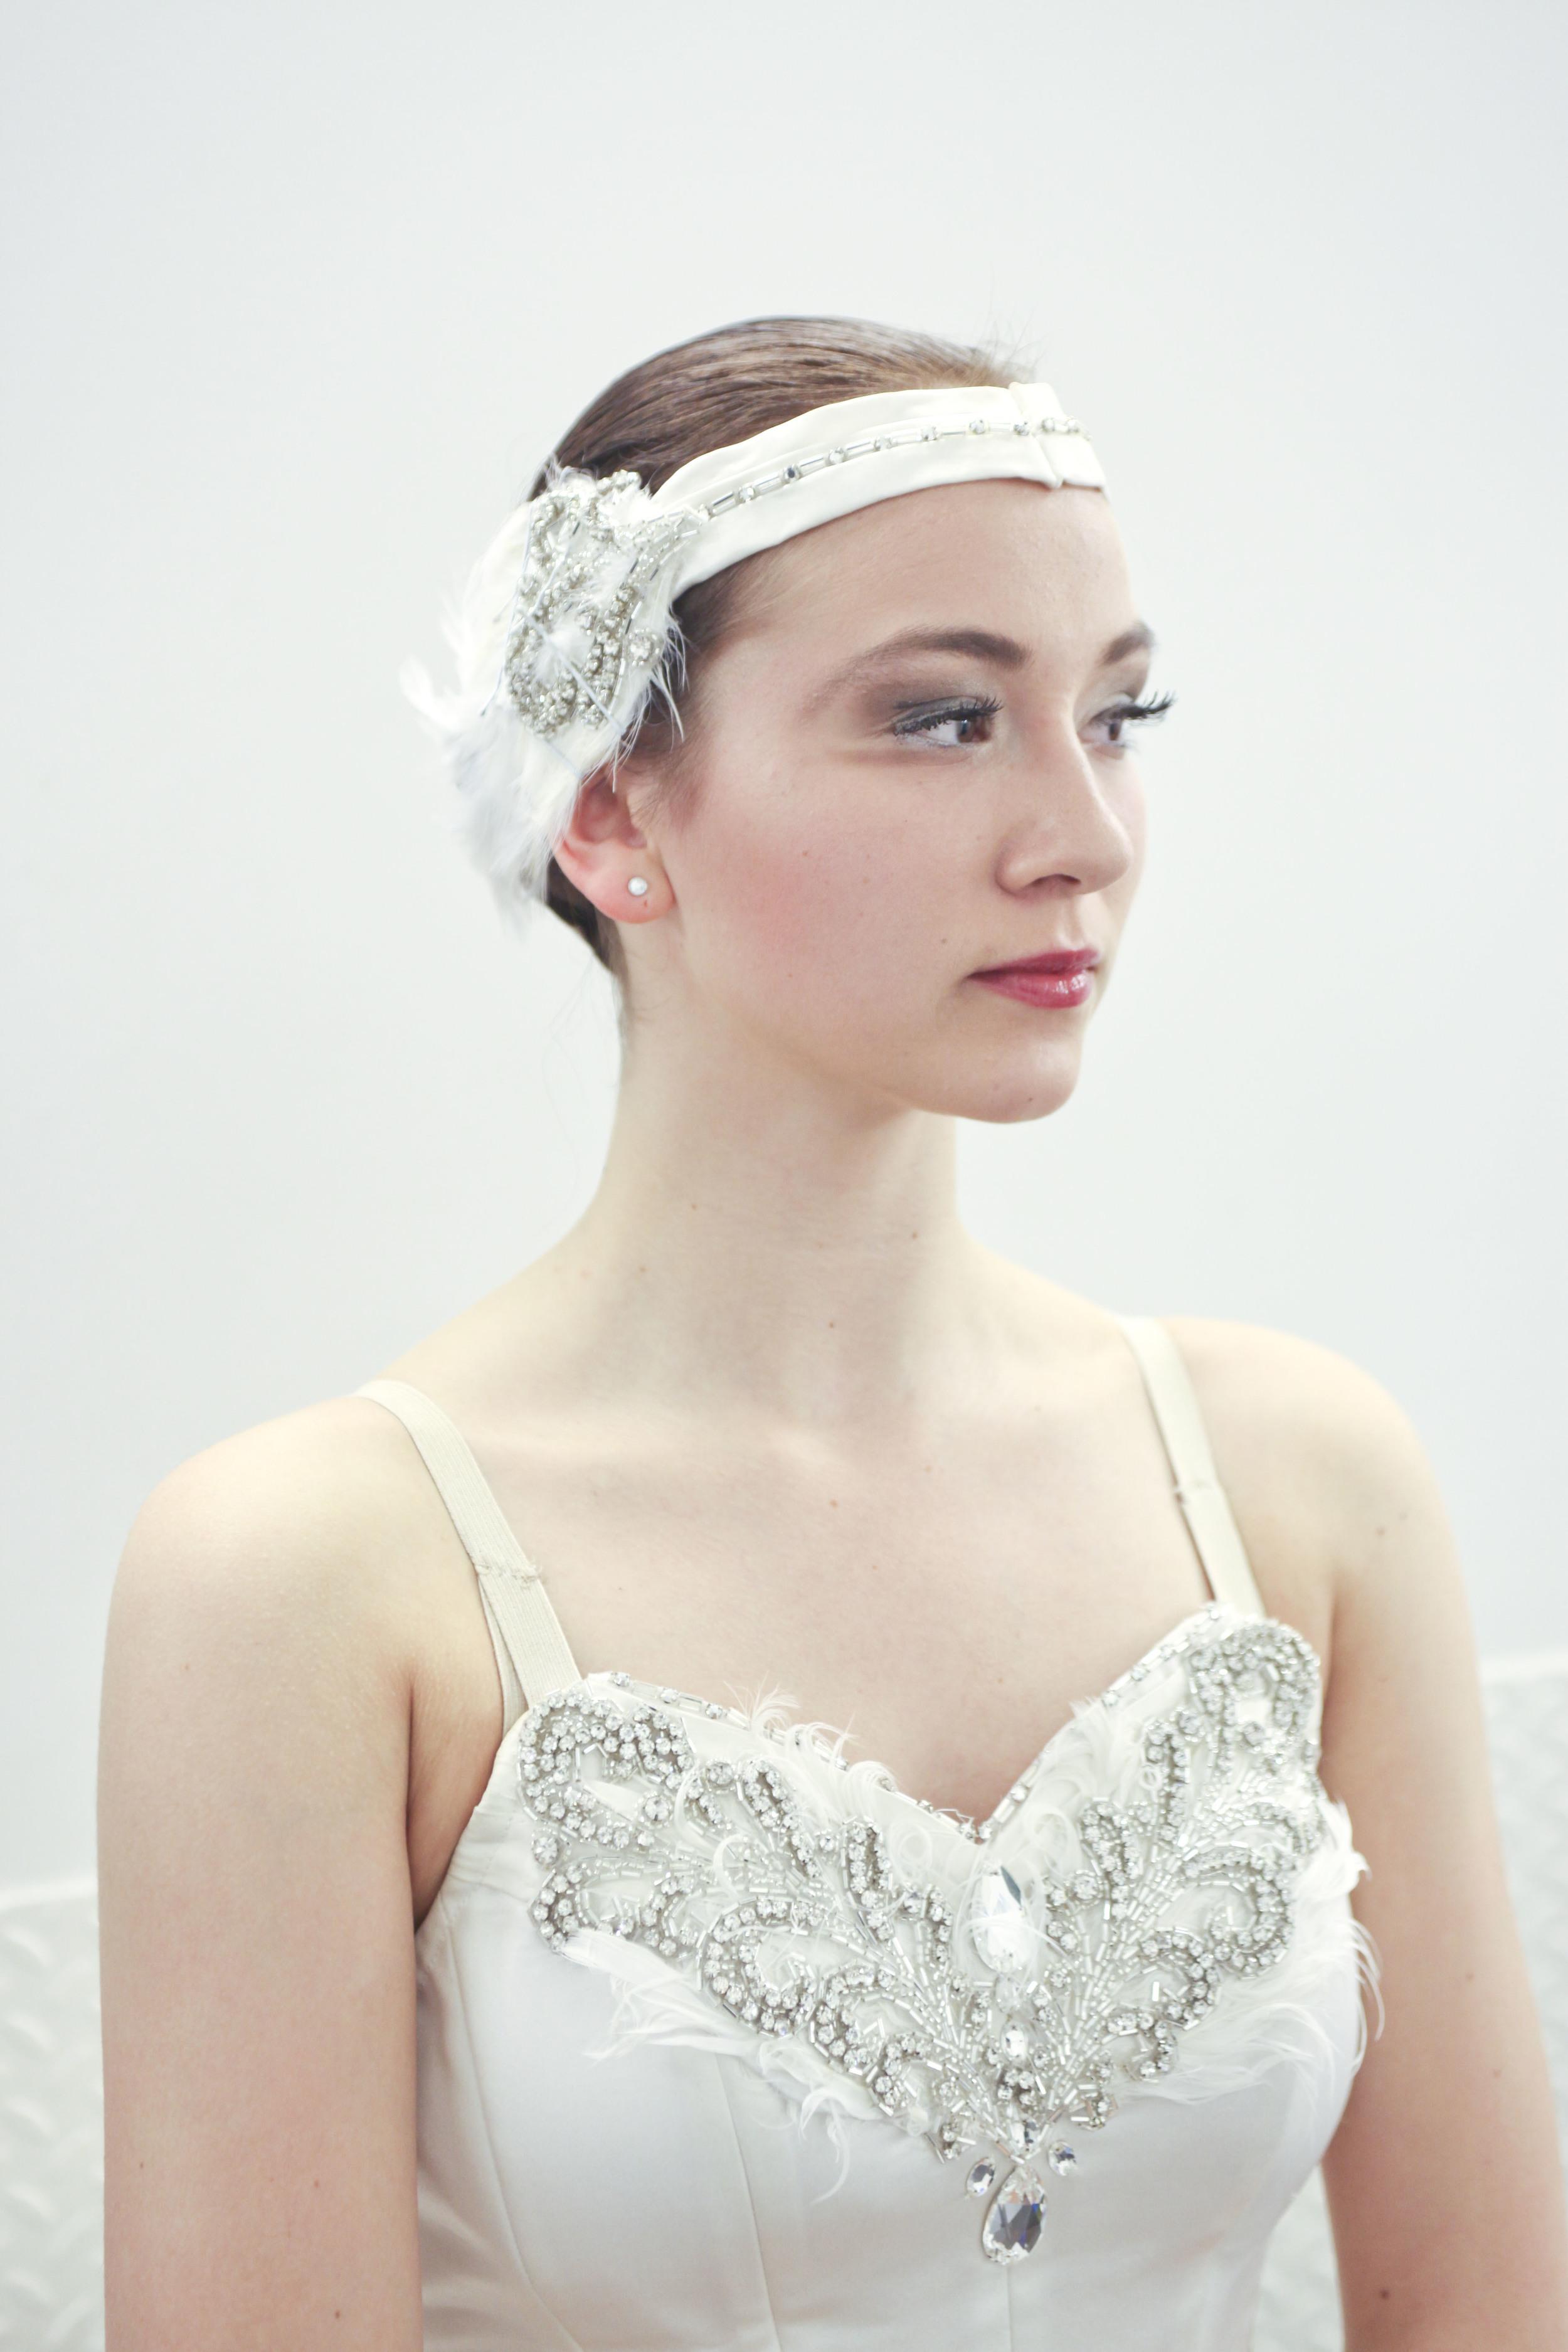 The Royal Danish Ballet's Benita Bunger as Odette